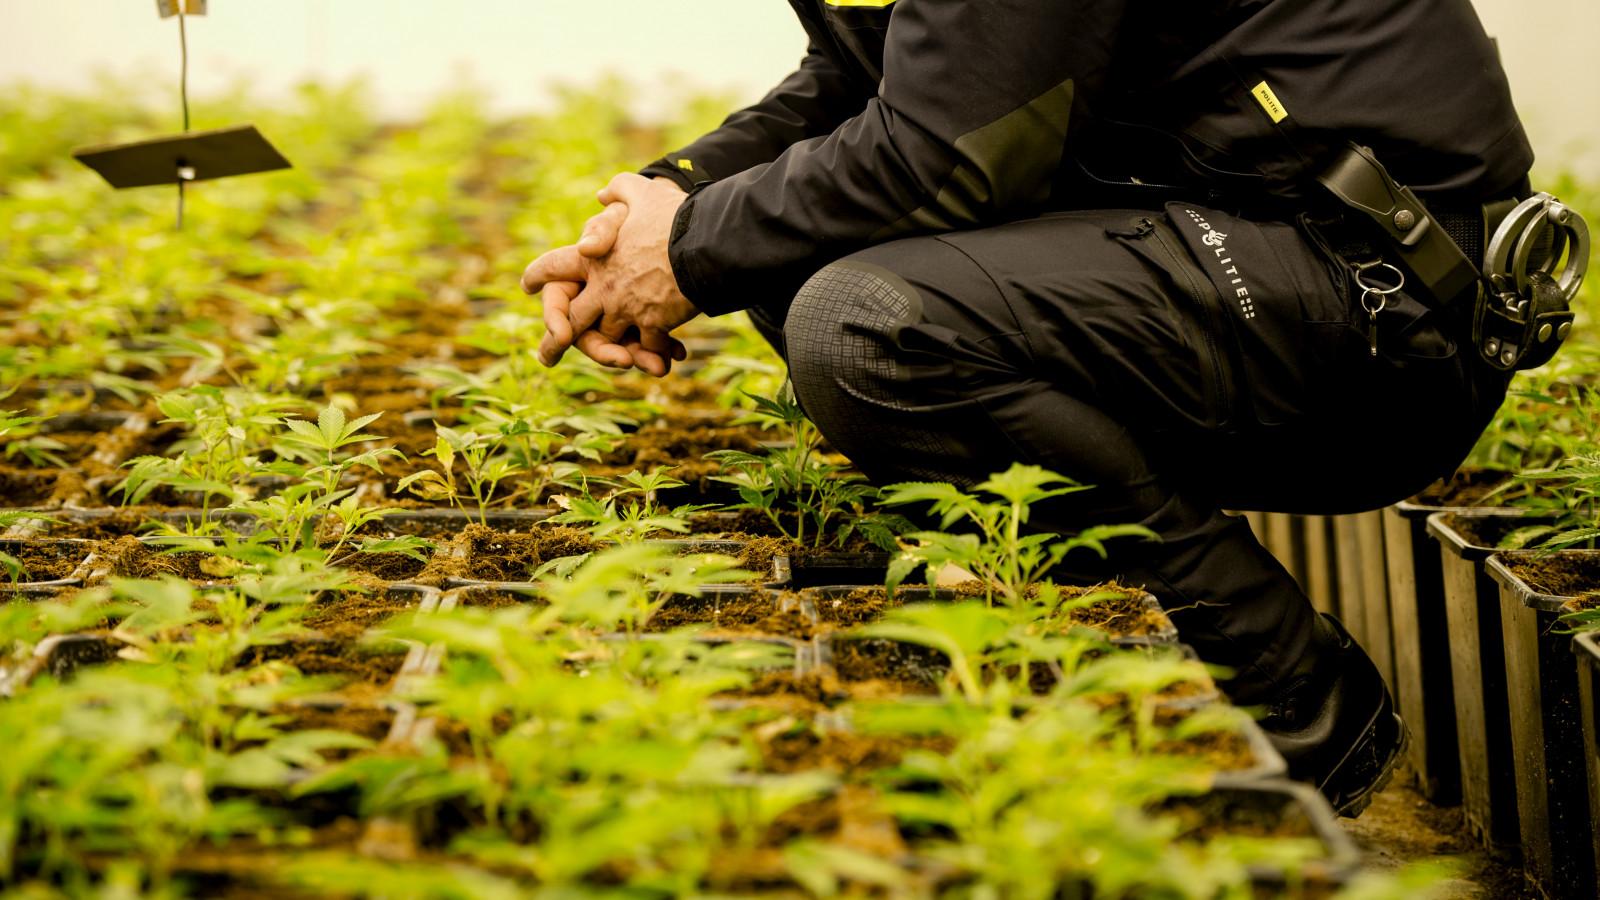 De wietplanten op de foto zijn niet van de aangetroffen kwekerij. Foto: ANP XTRA / Robin van Lonkhuijsen